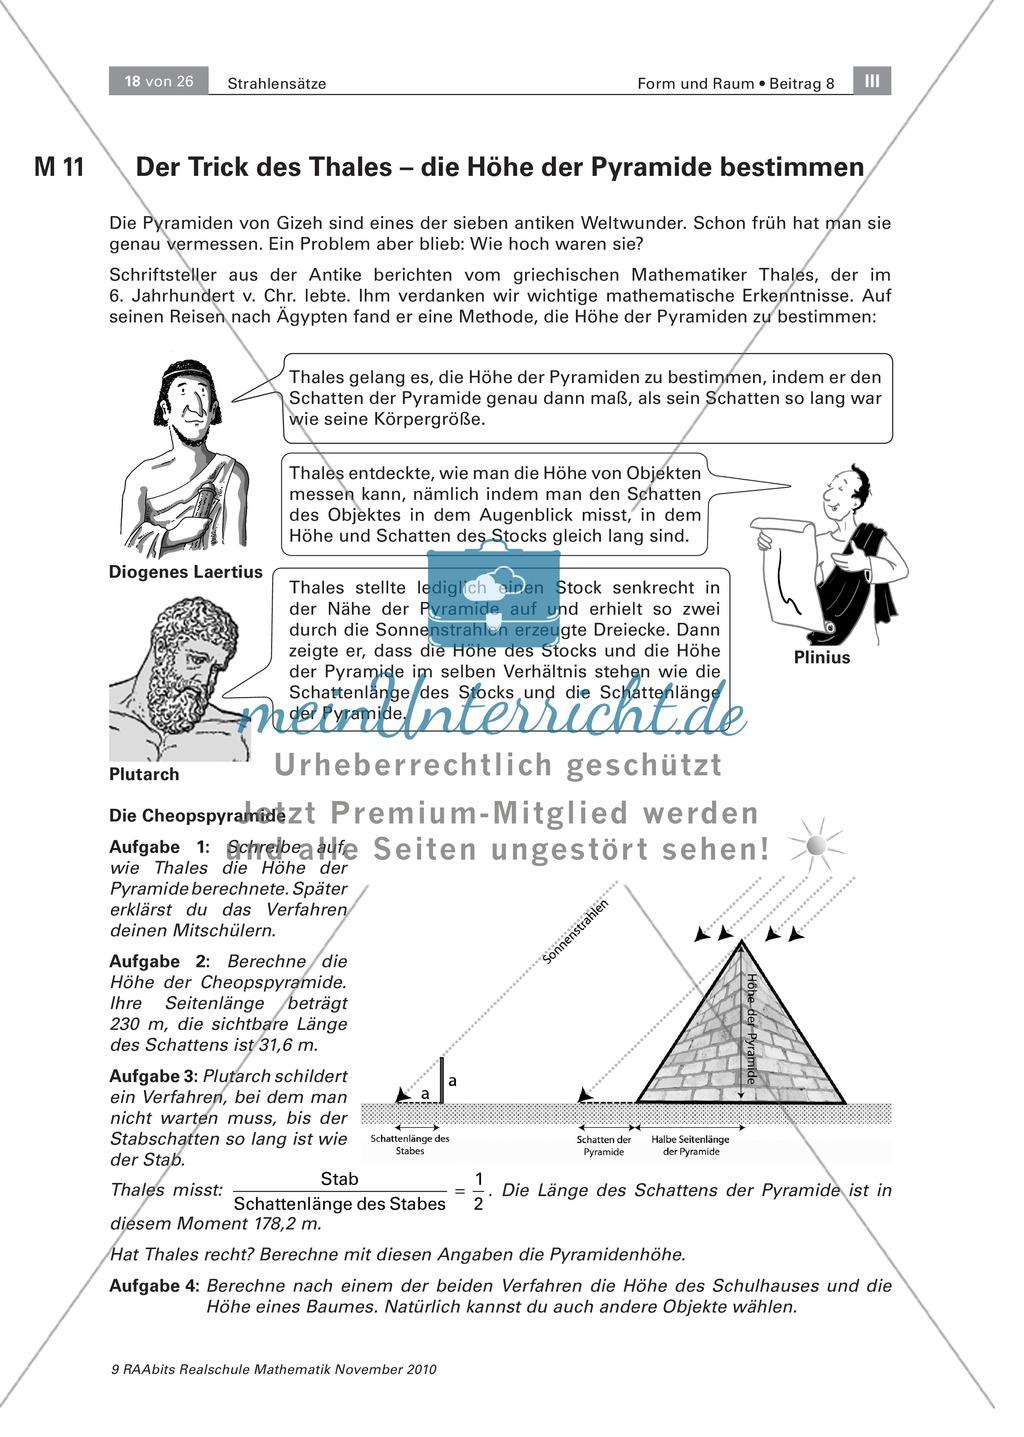 Bestimmung der Höhe einer Pyramide - Transfer zum Strahlensatz Preview 1